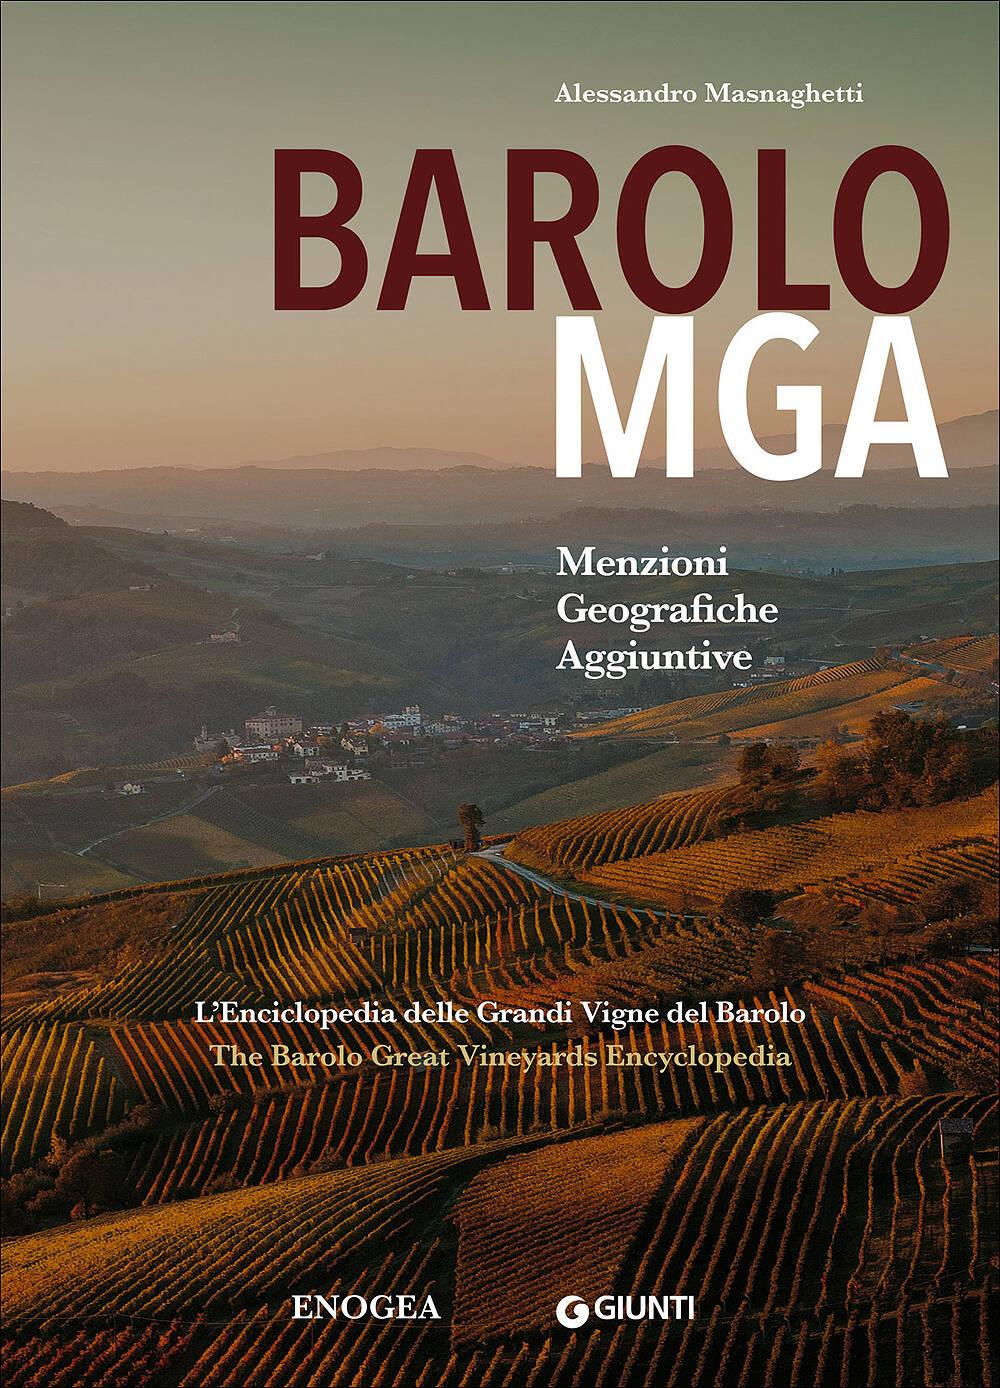 Barolo MGA (Menzioni Geografiche Aggiuntive)